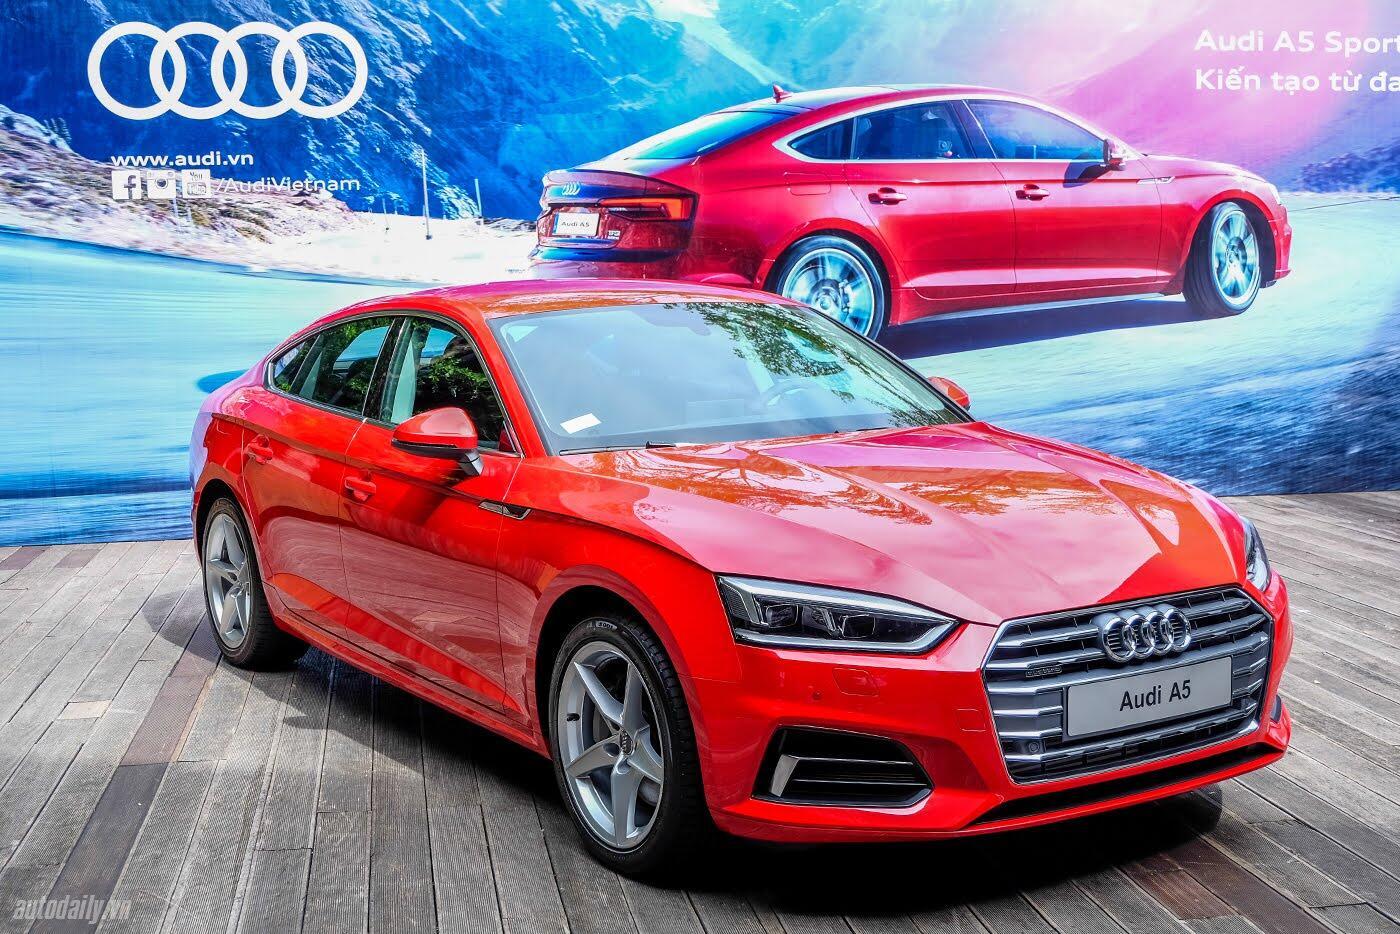 Audi A5 Sportback 2017 chính thức ra mắt tại Việt Nam - Hình 5